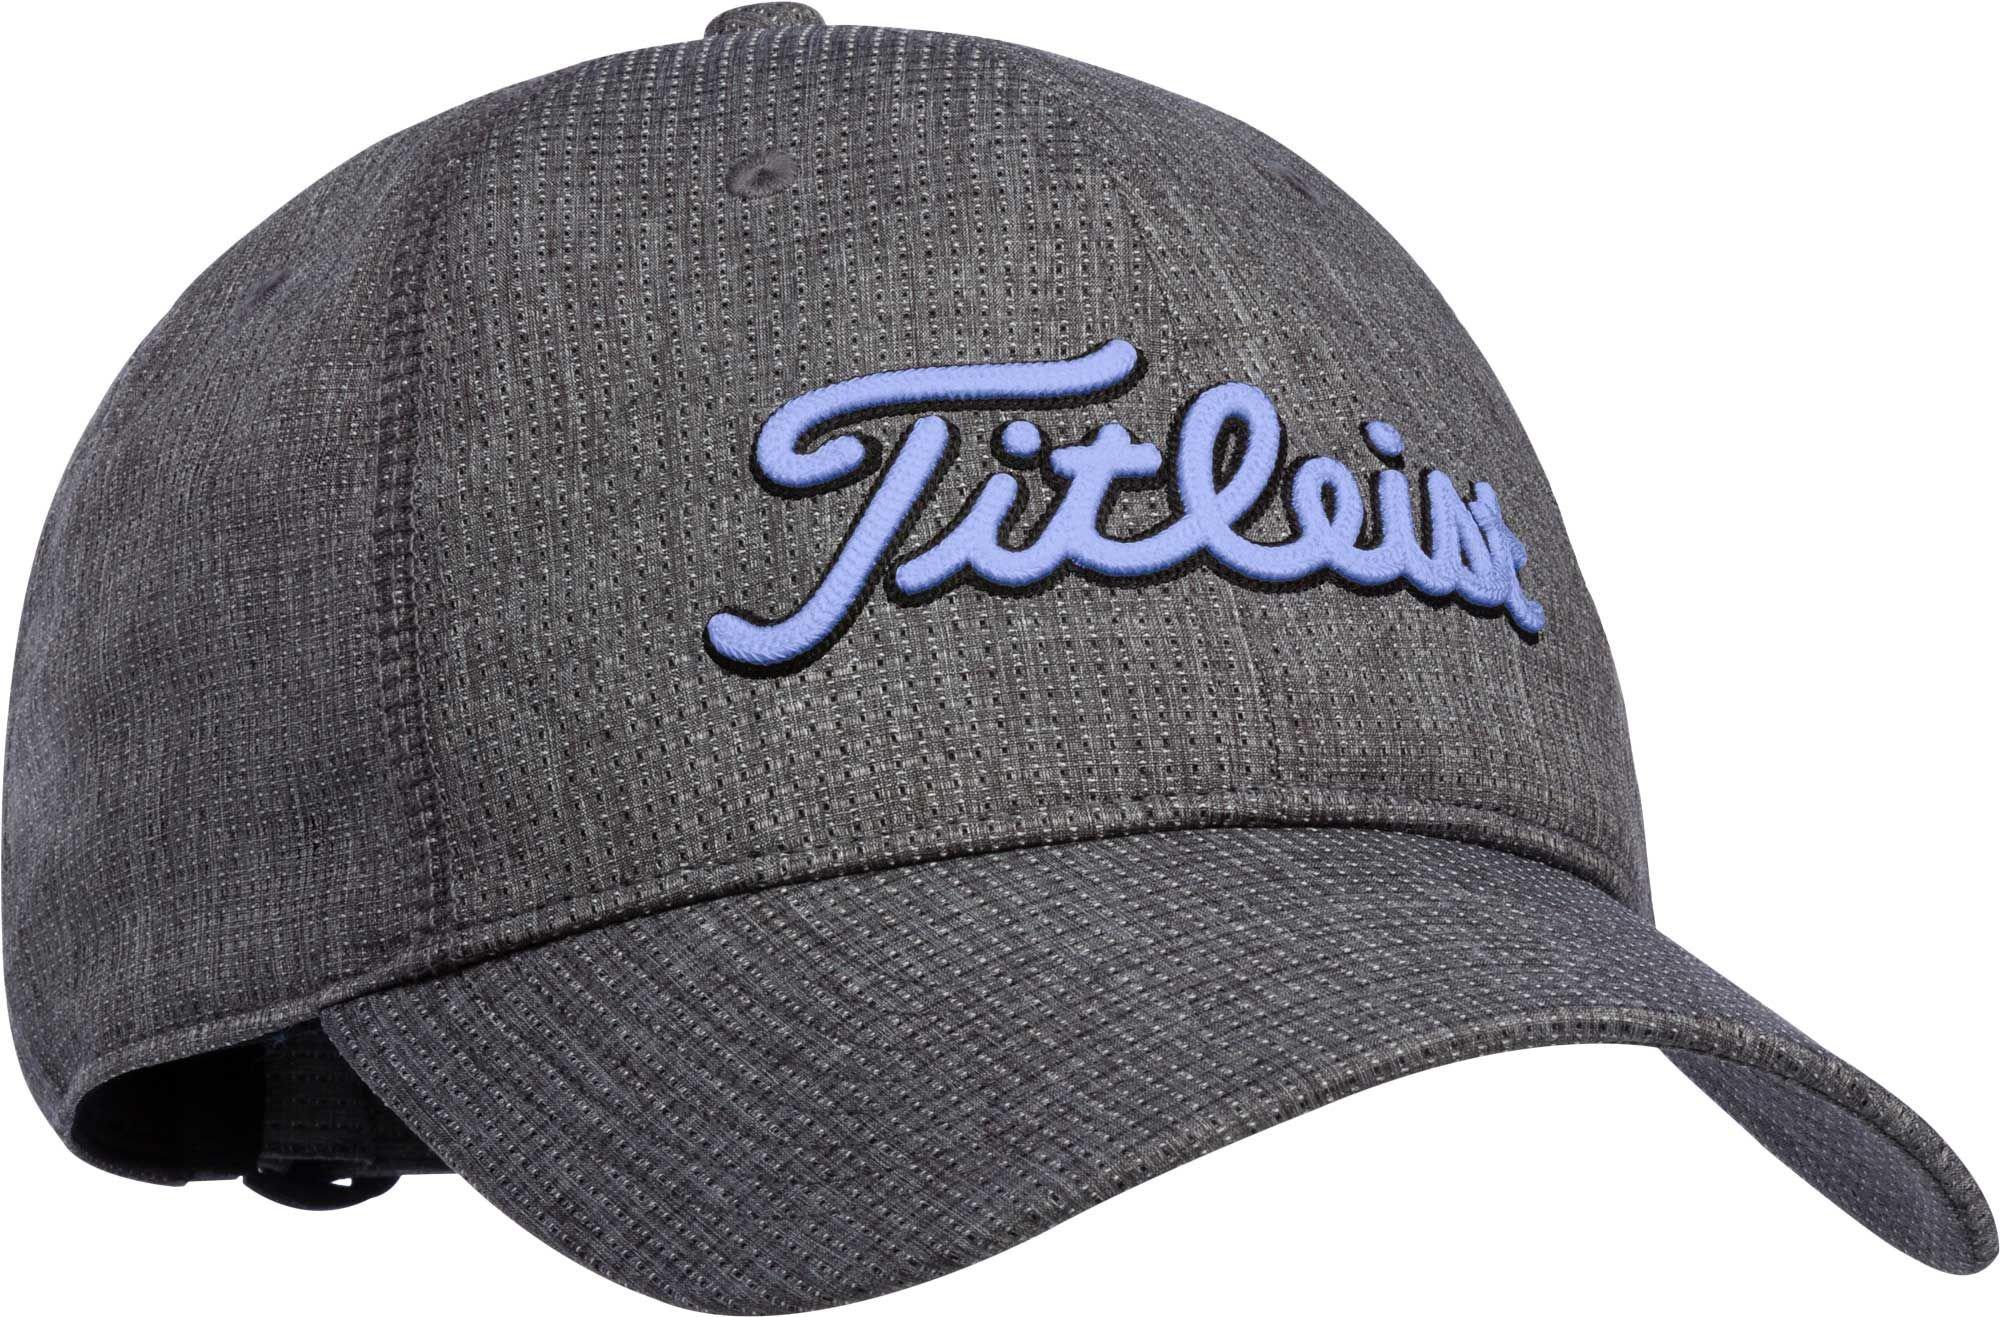 Titleist Women's Breezer Golf Hat (Black/Lavender, OneSize)